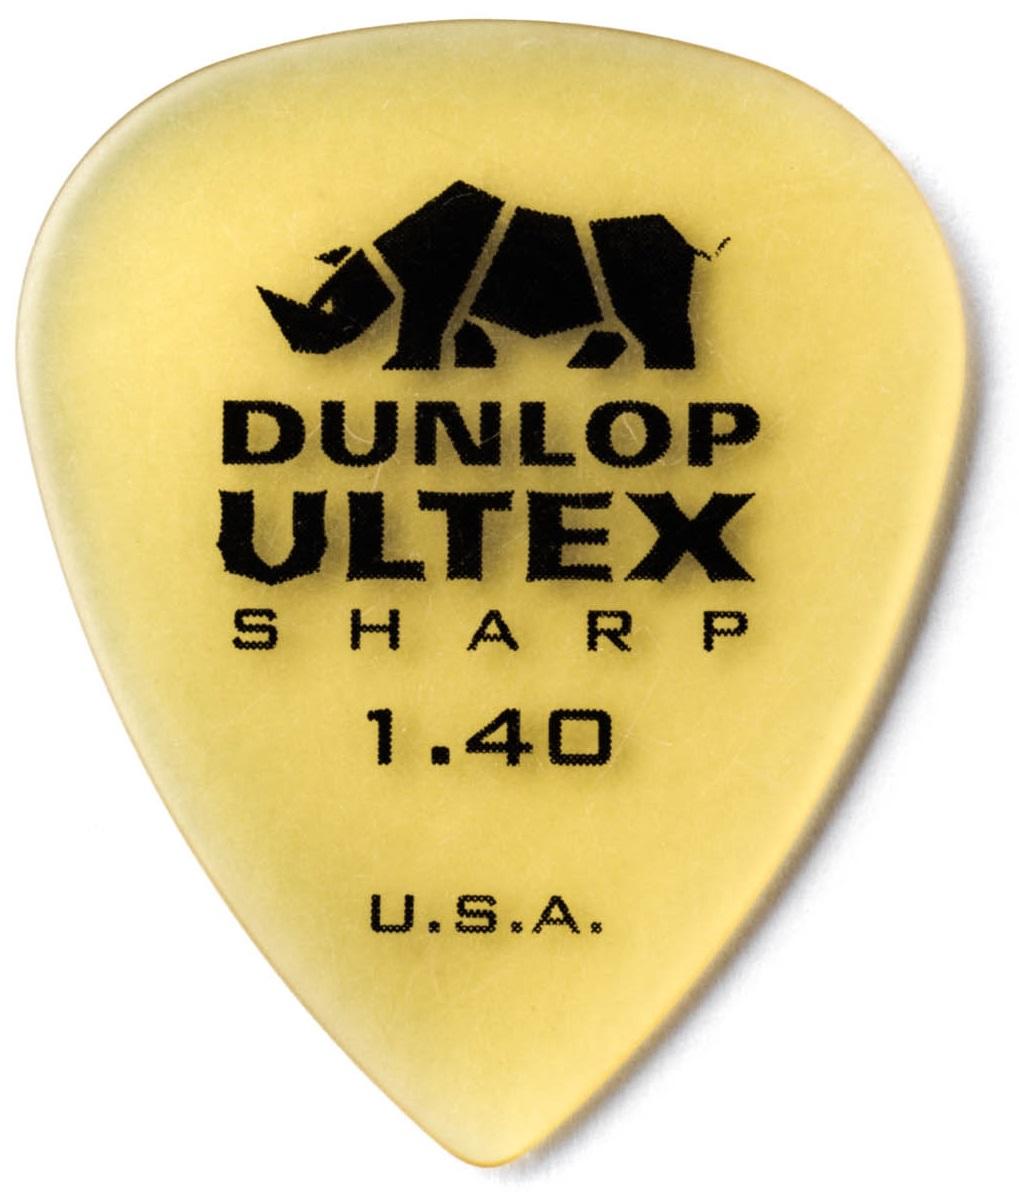 Dunlop Ultex Sharp 1.4